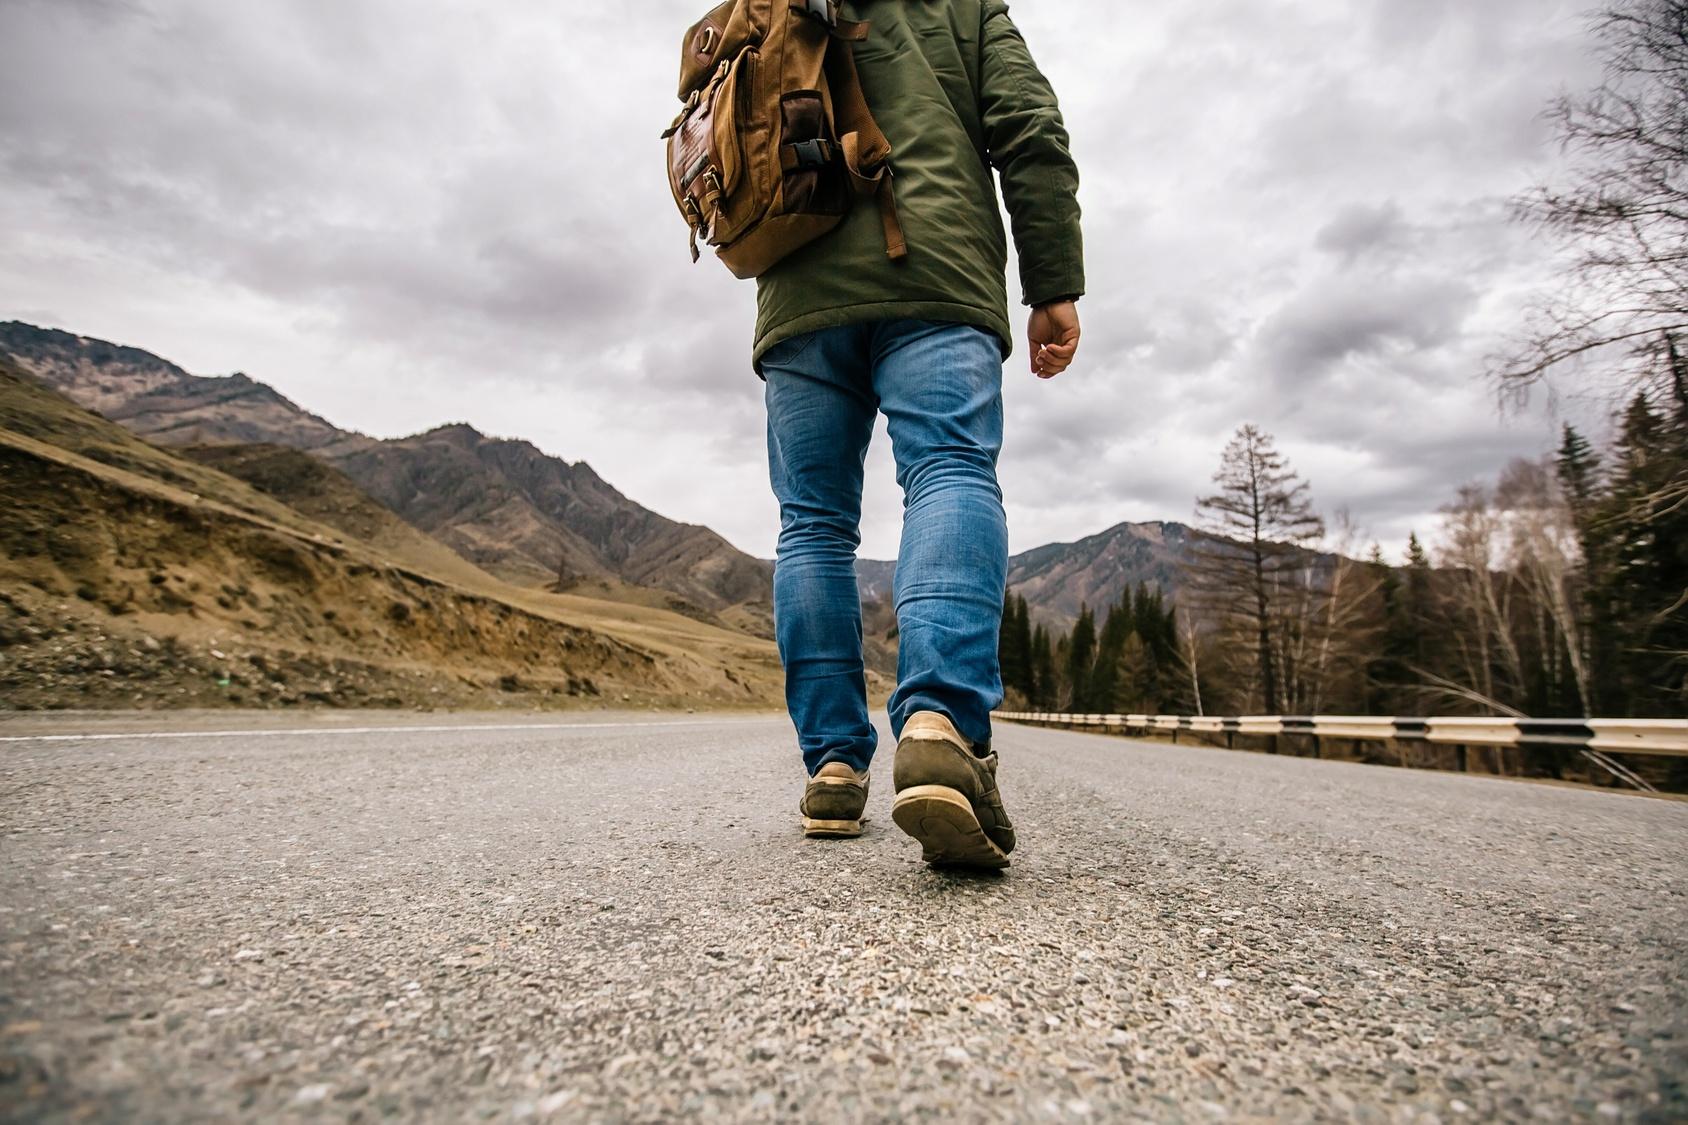 религией картинки идущего мужчины соусом можете залить